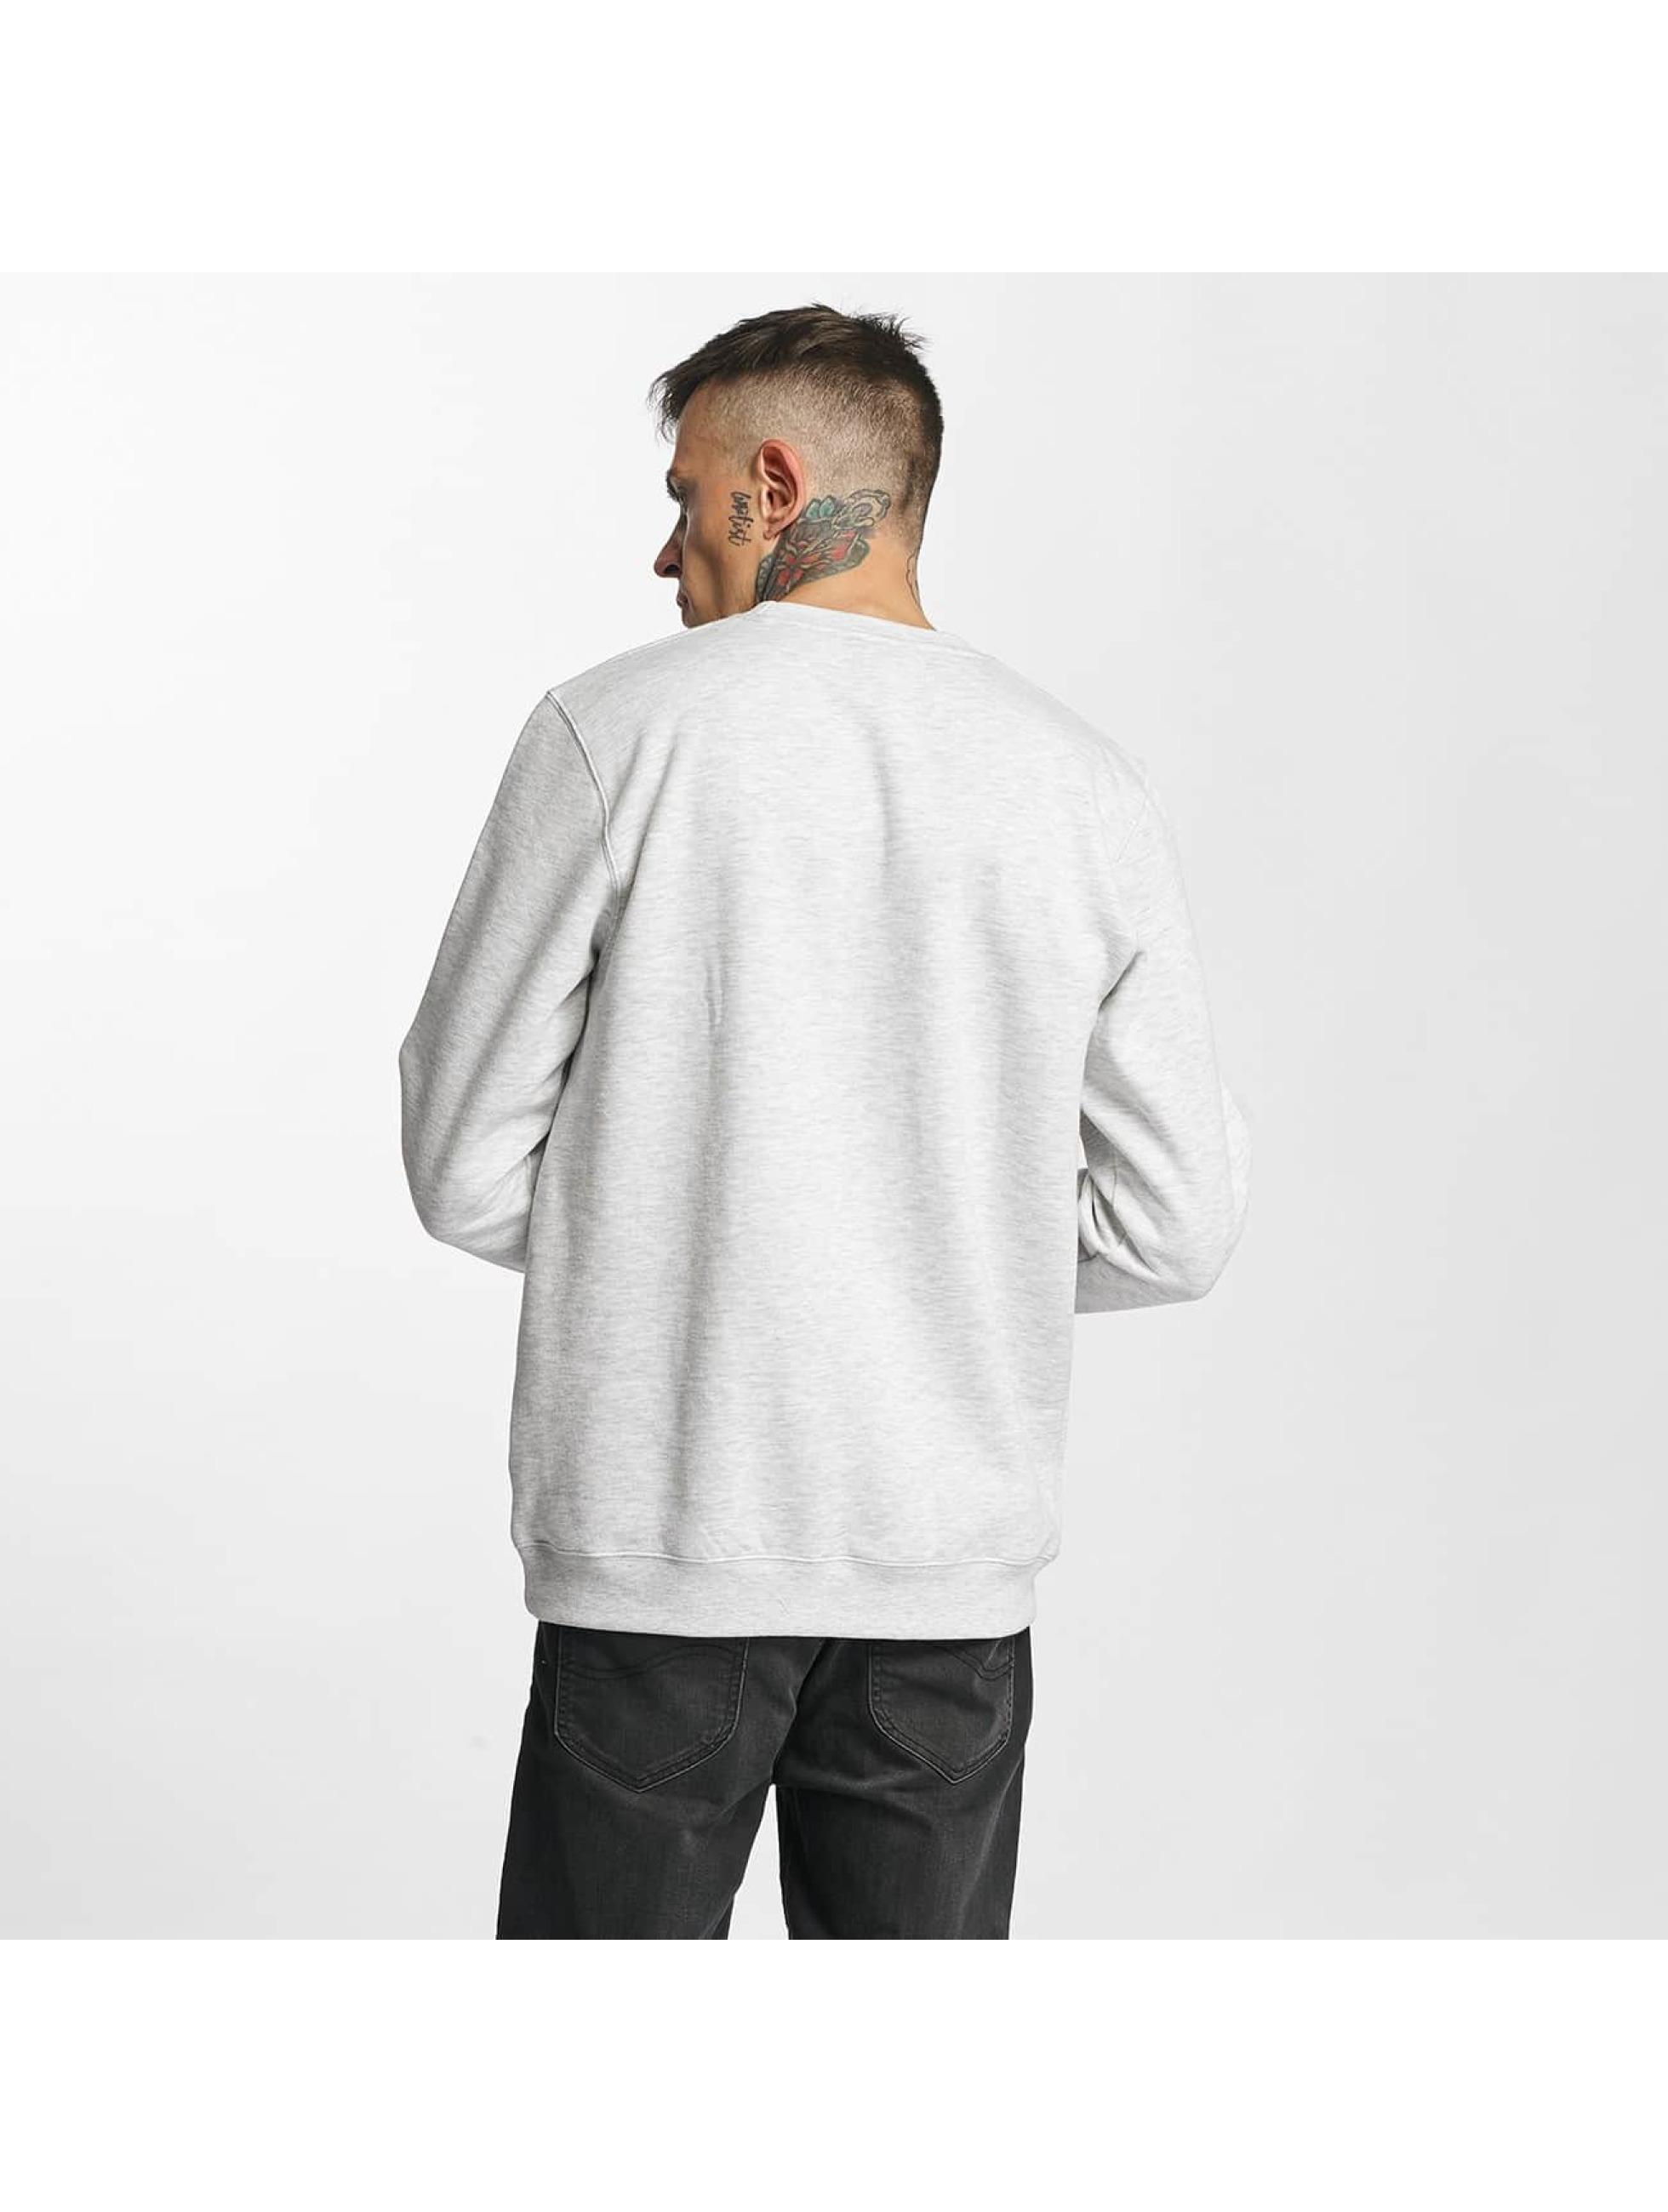 Tealer Pullover Leaf gray